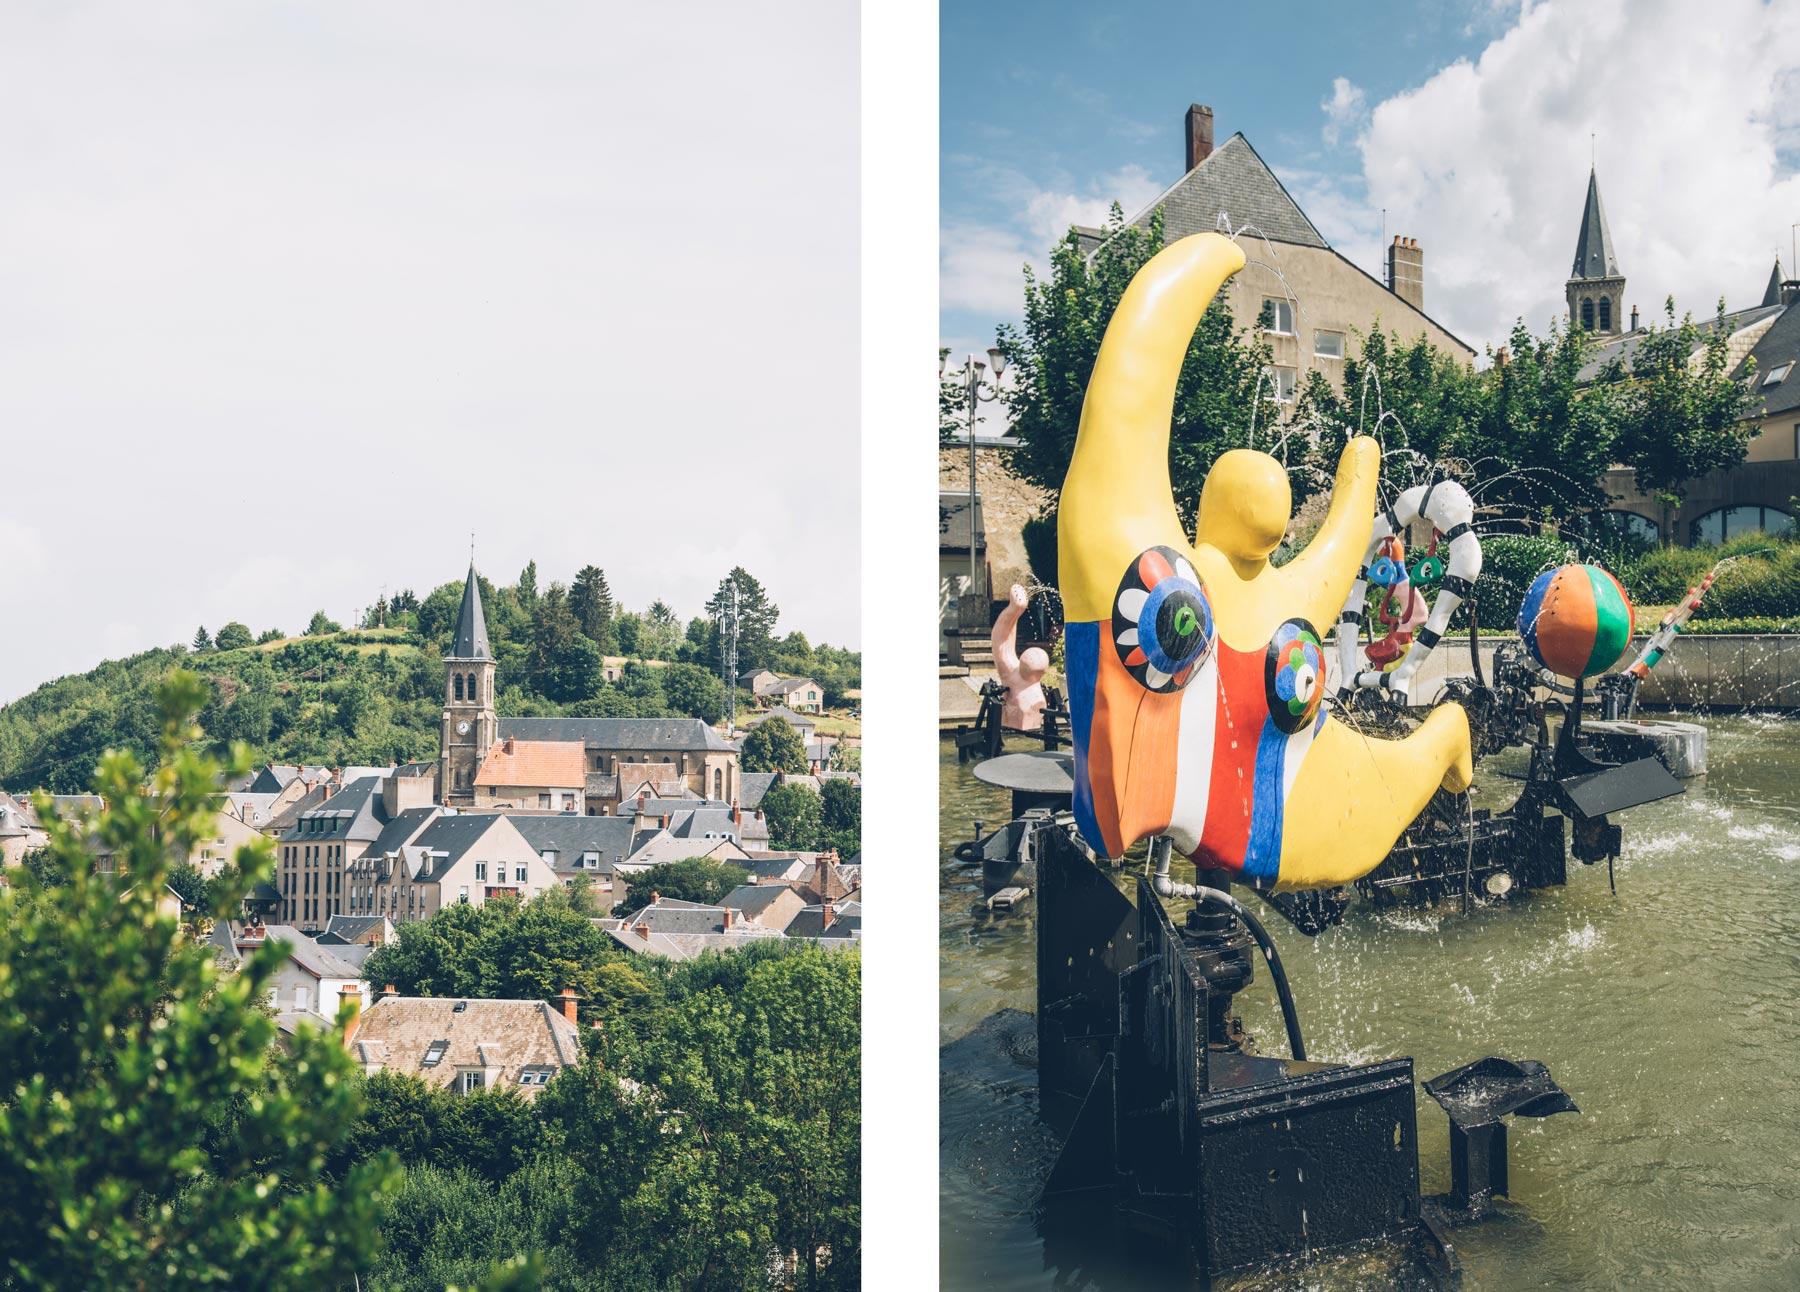 Château-Chinon, Fontaine Niki de Saint Phalle et de Jean Tinguely